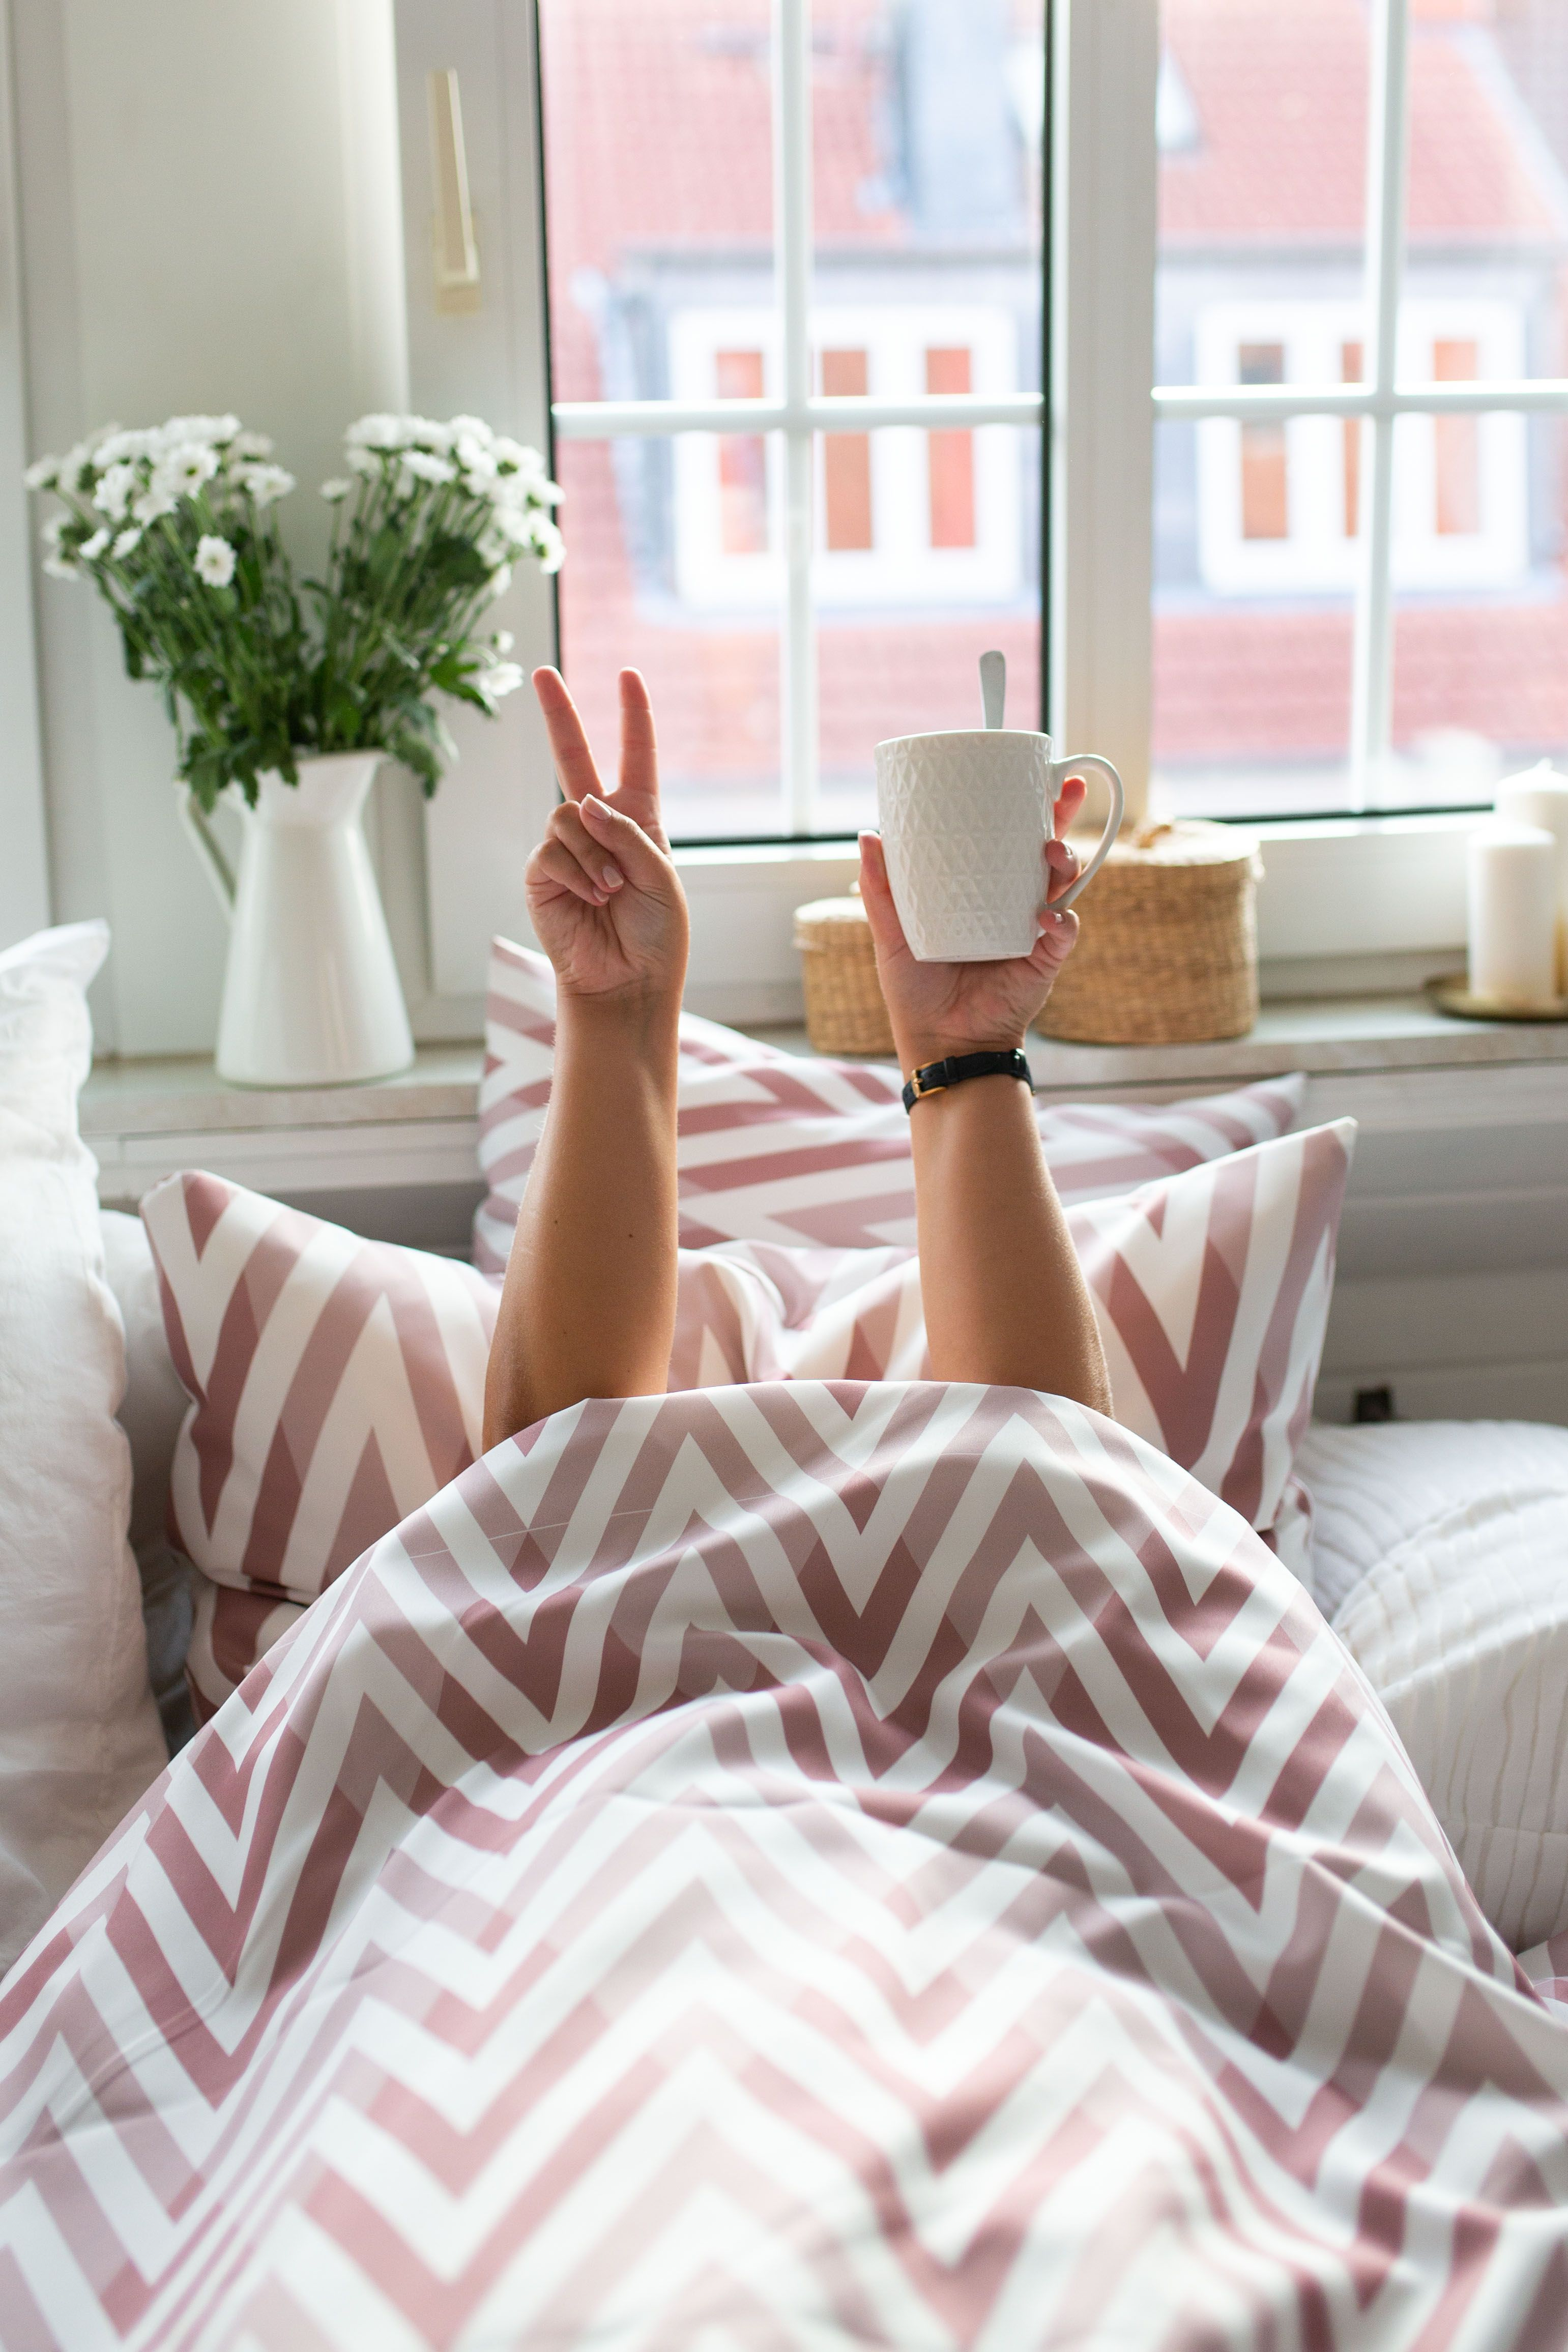 Schlafzimmer Schlafzimmer Ideen Bett Dekoration Bettwäsche